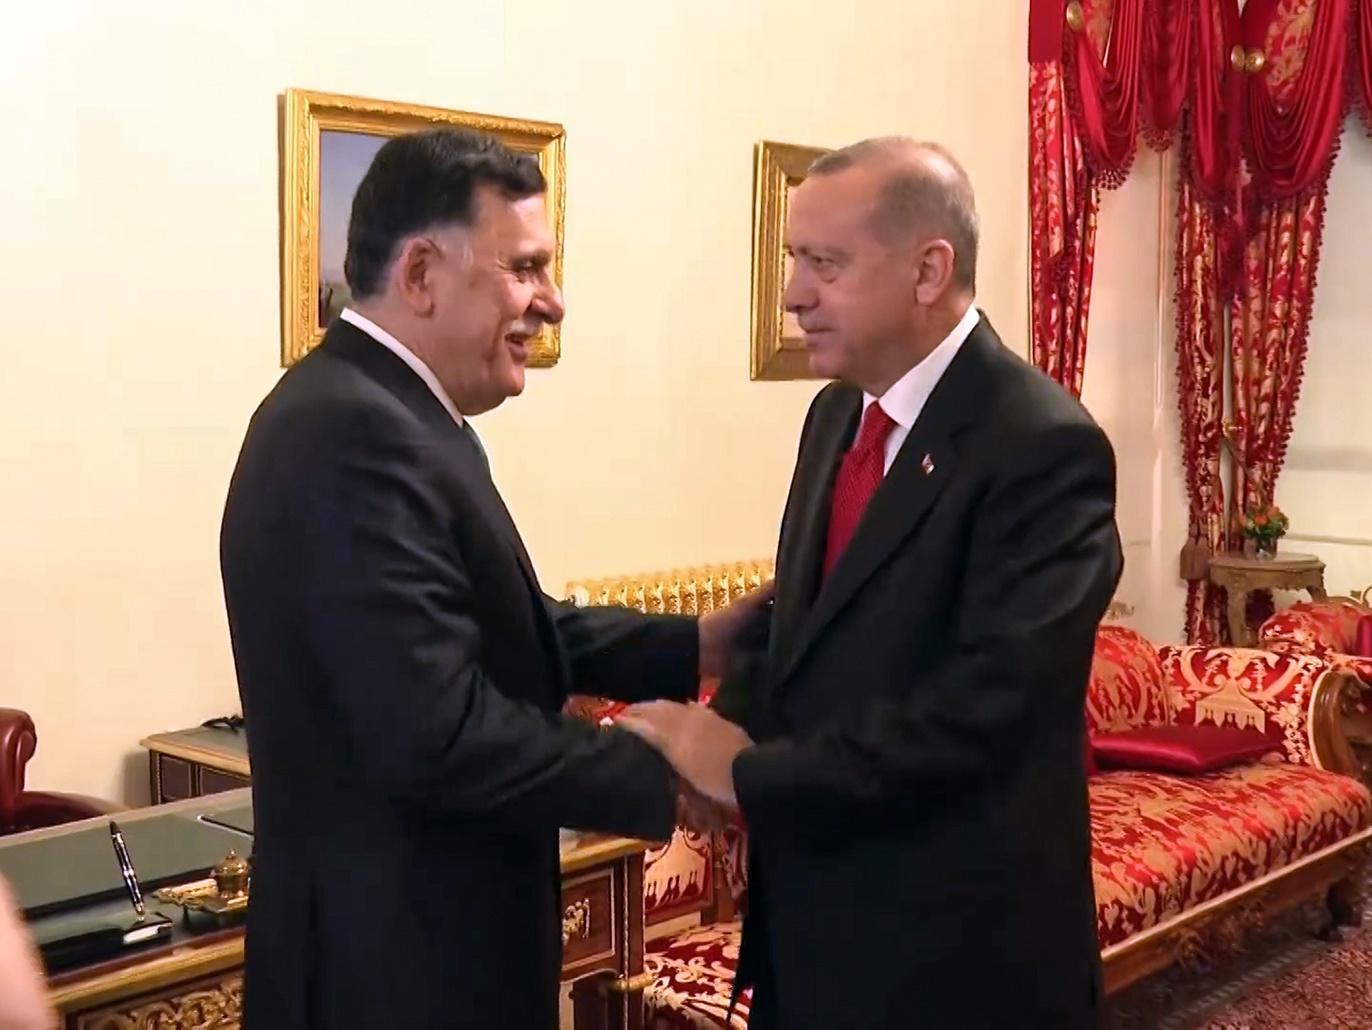 """Türkiye Cumhurbaşkanı Recep Tayyip Erdoğan'ın rejimi, krizi uzatmak ve siyasi çözüme giden yolu kesmek amacıyla ülkenin batısındaki varlığını 18 ay daha uzatma kararını açıklayarak Libyalıları kışkırttı. Türkiye Cumhurbaşkanlığı, Libya'da kuvvet konuşlandırmasının 18 aylık bir süre için uzatılması için Parlamento'ya teklif sunarak, """"Risk ve tehditler Libya'dan Türkiye'ye ve tüm bölgeye geliyor ... Akdeniz ve Kuzey Afrika olumsuz. Bu Türk yaklaşımı, geçtiğimiz Ekim ayının yirmi üçte birinde Birleşmiş Milletler himayesinde imzalanan Cenevre Anlaşması'na ve Karma Askeri Komite'nin Ghadames ve Sirte'deki toplantılarında açıklanan çıktılarına bir meydan okuma olarak görülüyor ve Türk kuvvetlerinin ve Erdoğan'ın paralı askerlerinin Libya topraklarındaki varlığının genişlemesinin ateşkes kararına ve bölgesel çabalara geniş yankı uyandırması bekleniyor. Ve ülkede güvenlik ve istikrar sağlamak için uluslararası standartlar."""